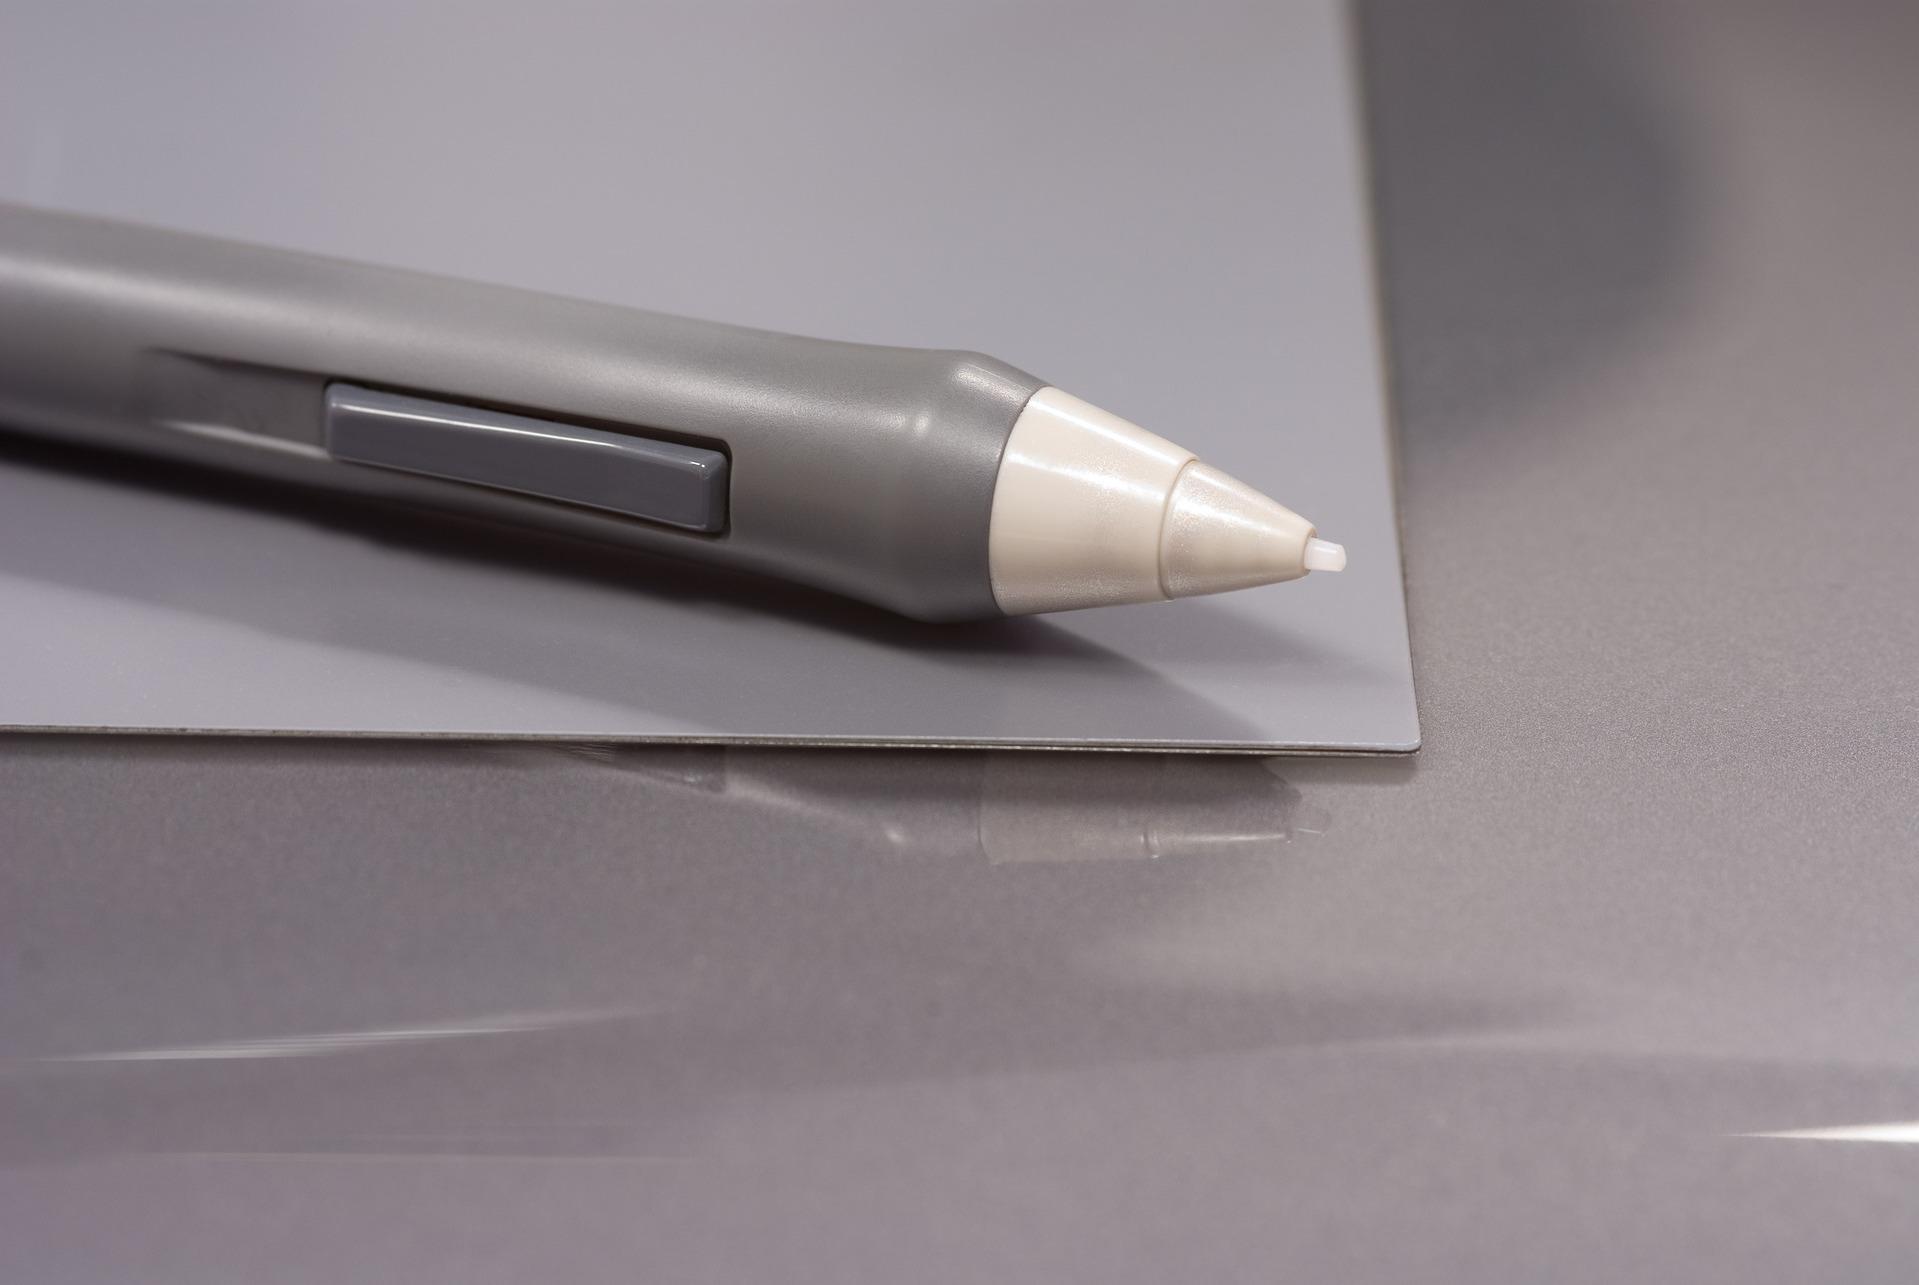 pen-tablet-1242389-1919x1284.jpg